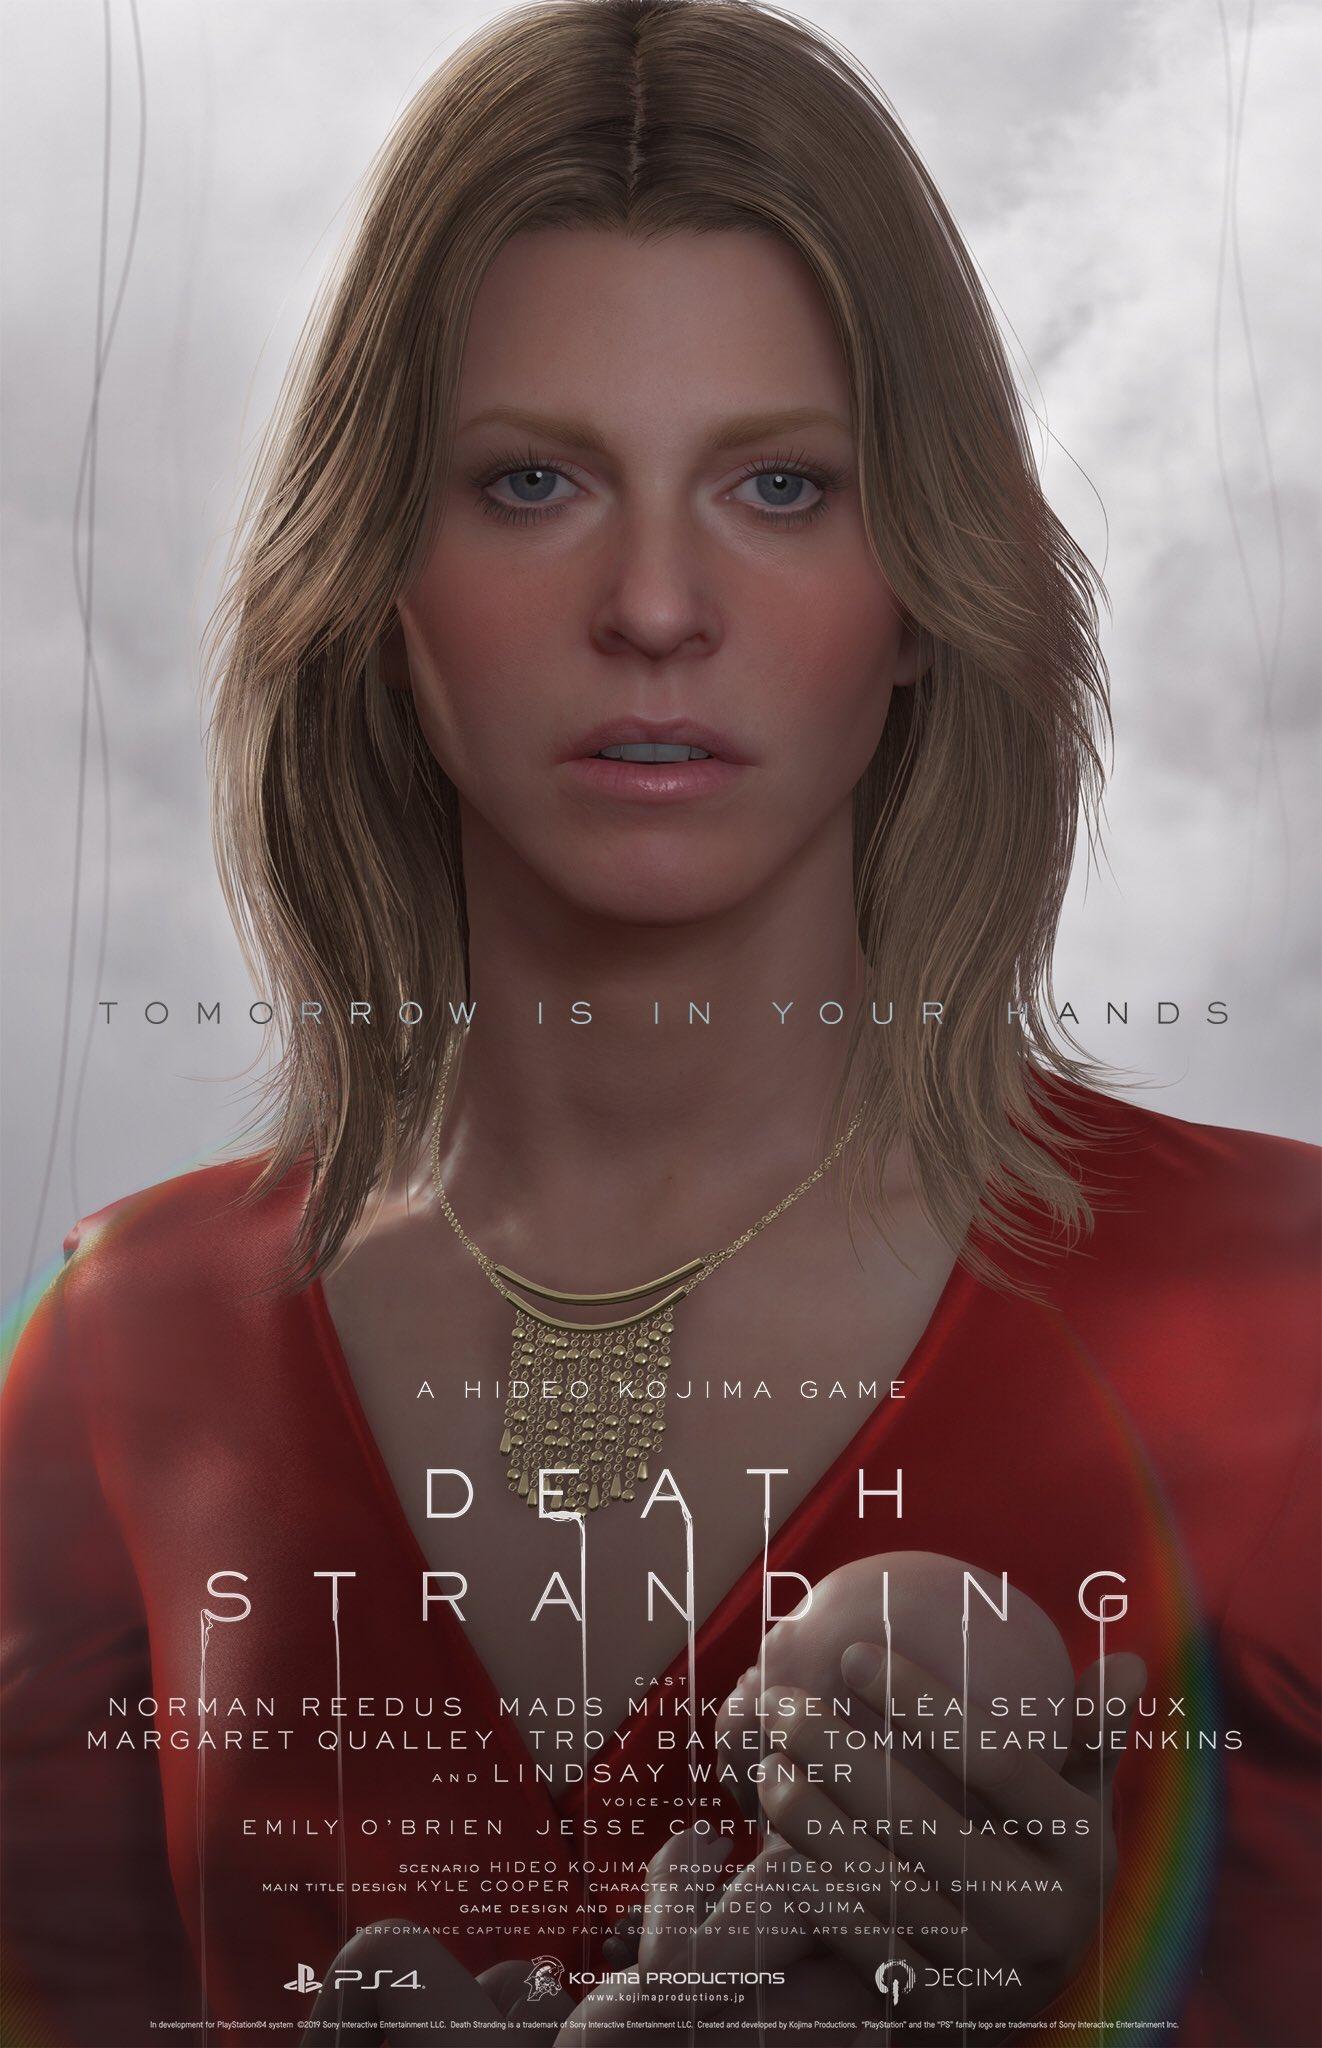 3 32 - 小島秀夫監督の『デス・ストランディング』発売日が11月8日に決定! 最新トレーラーも公開。神ゲーオーラに震えろ